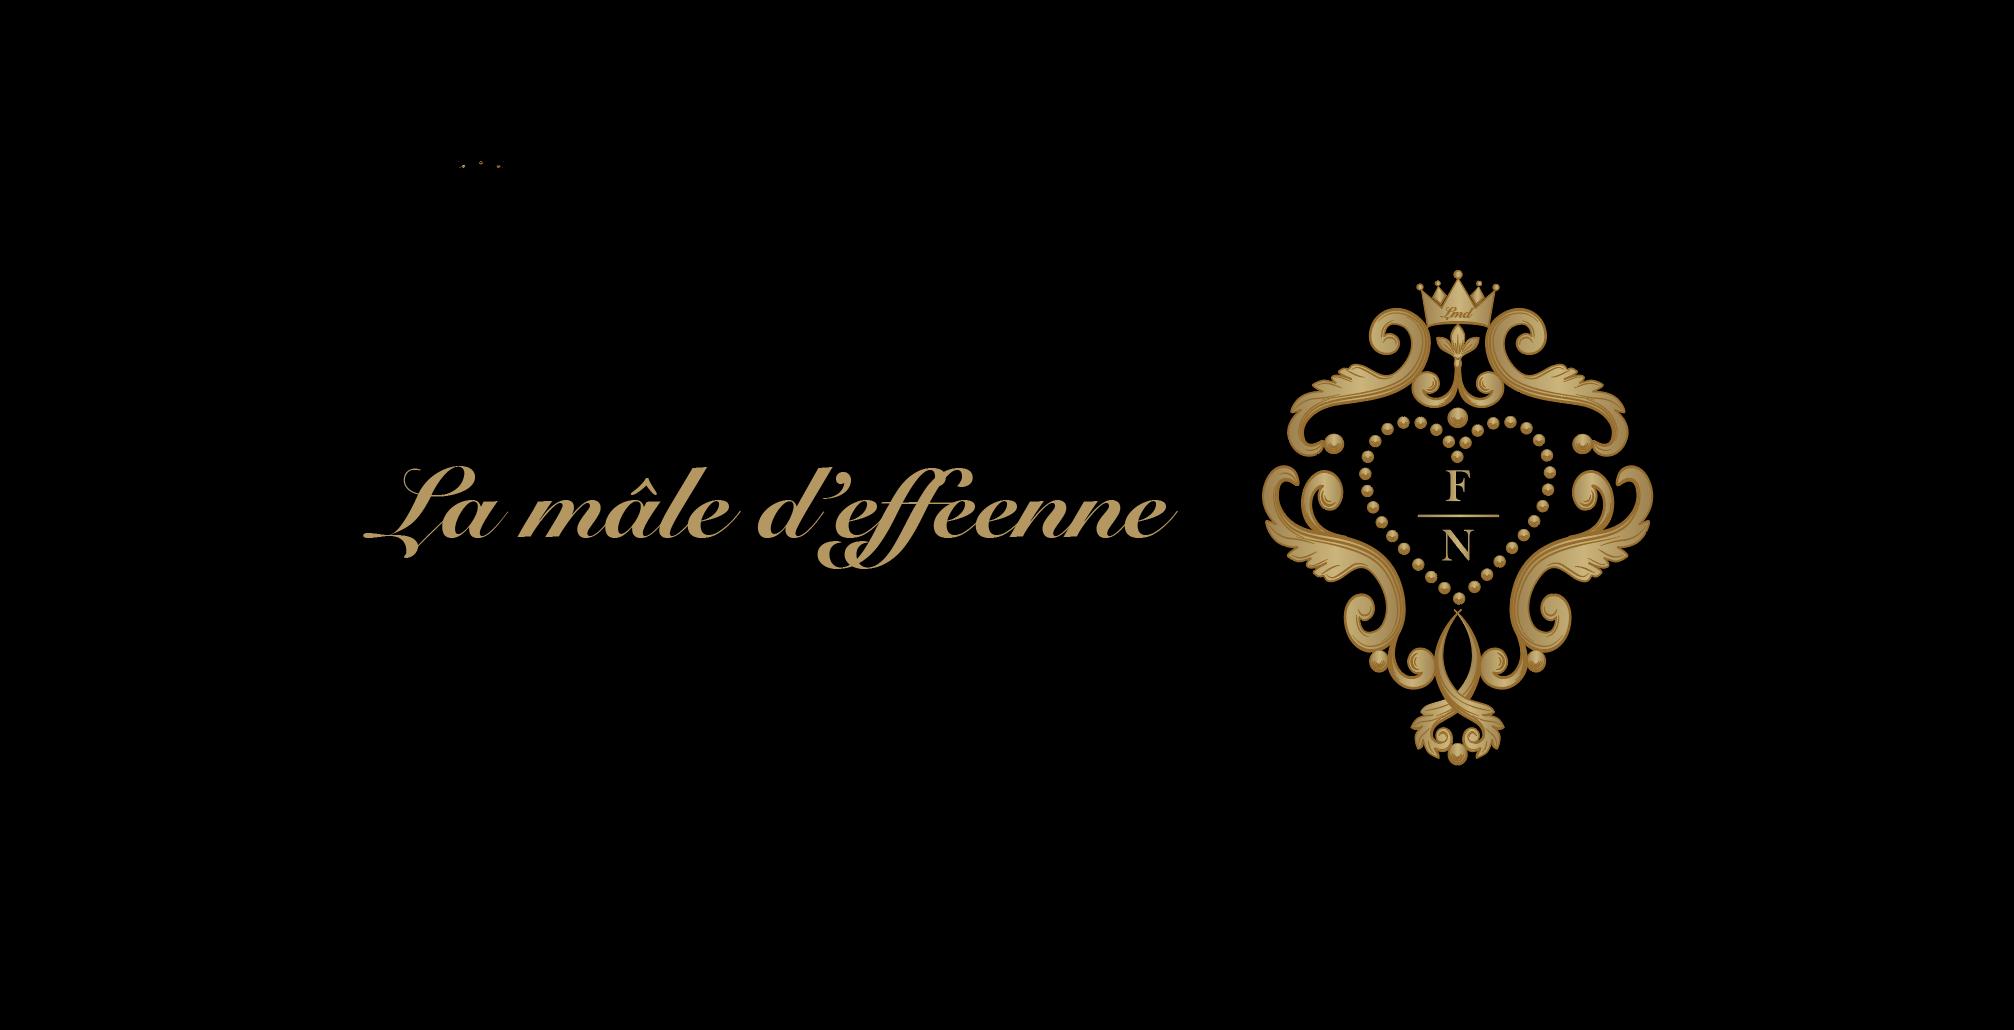 pictogramme la mâle d'effeenne